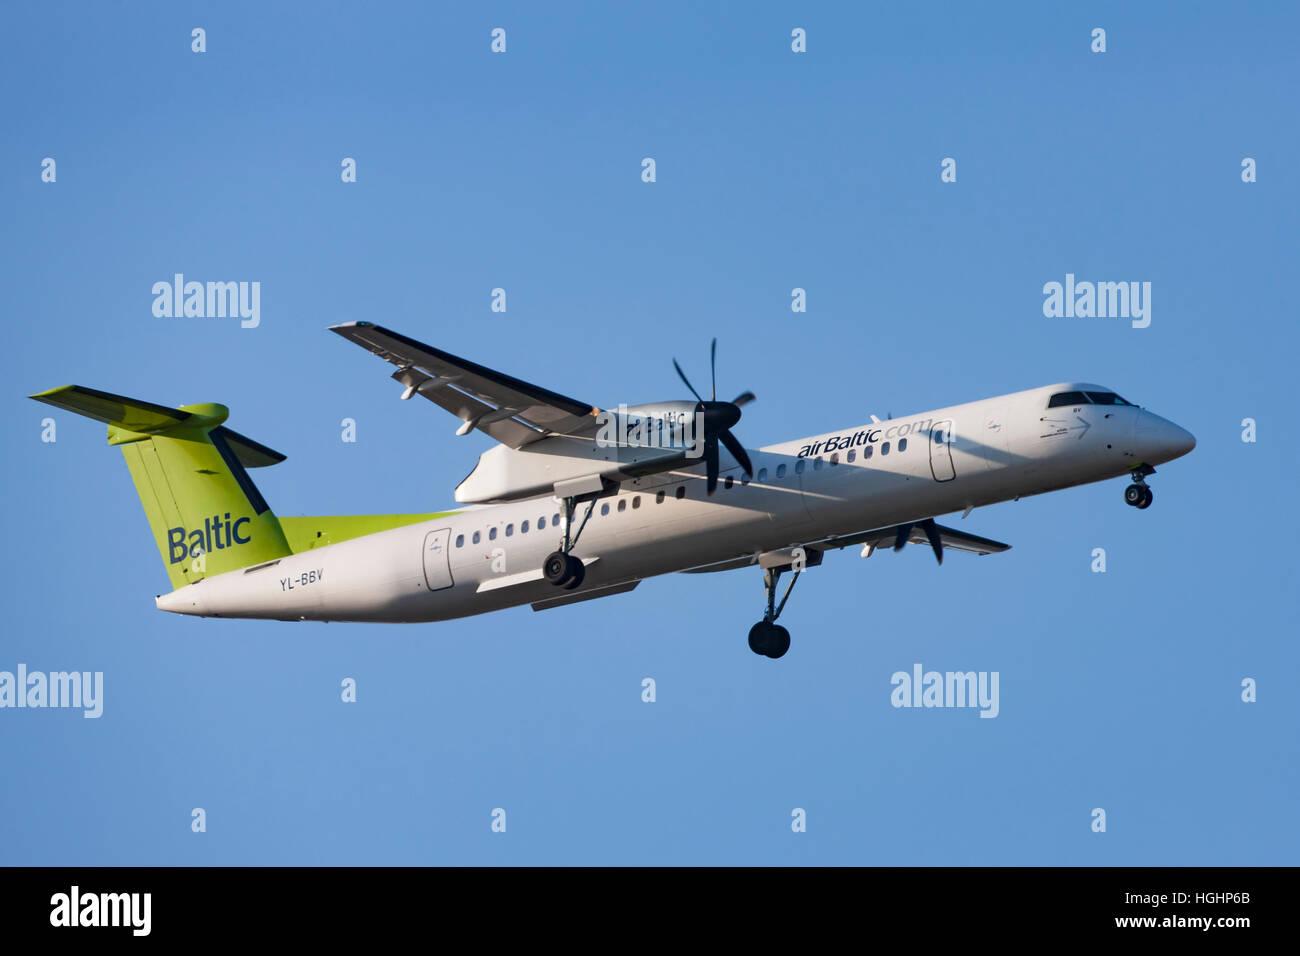 AirBaltic Airliner landing in Copenhagen - Stock Image